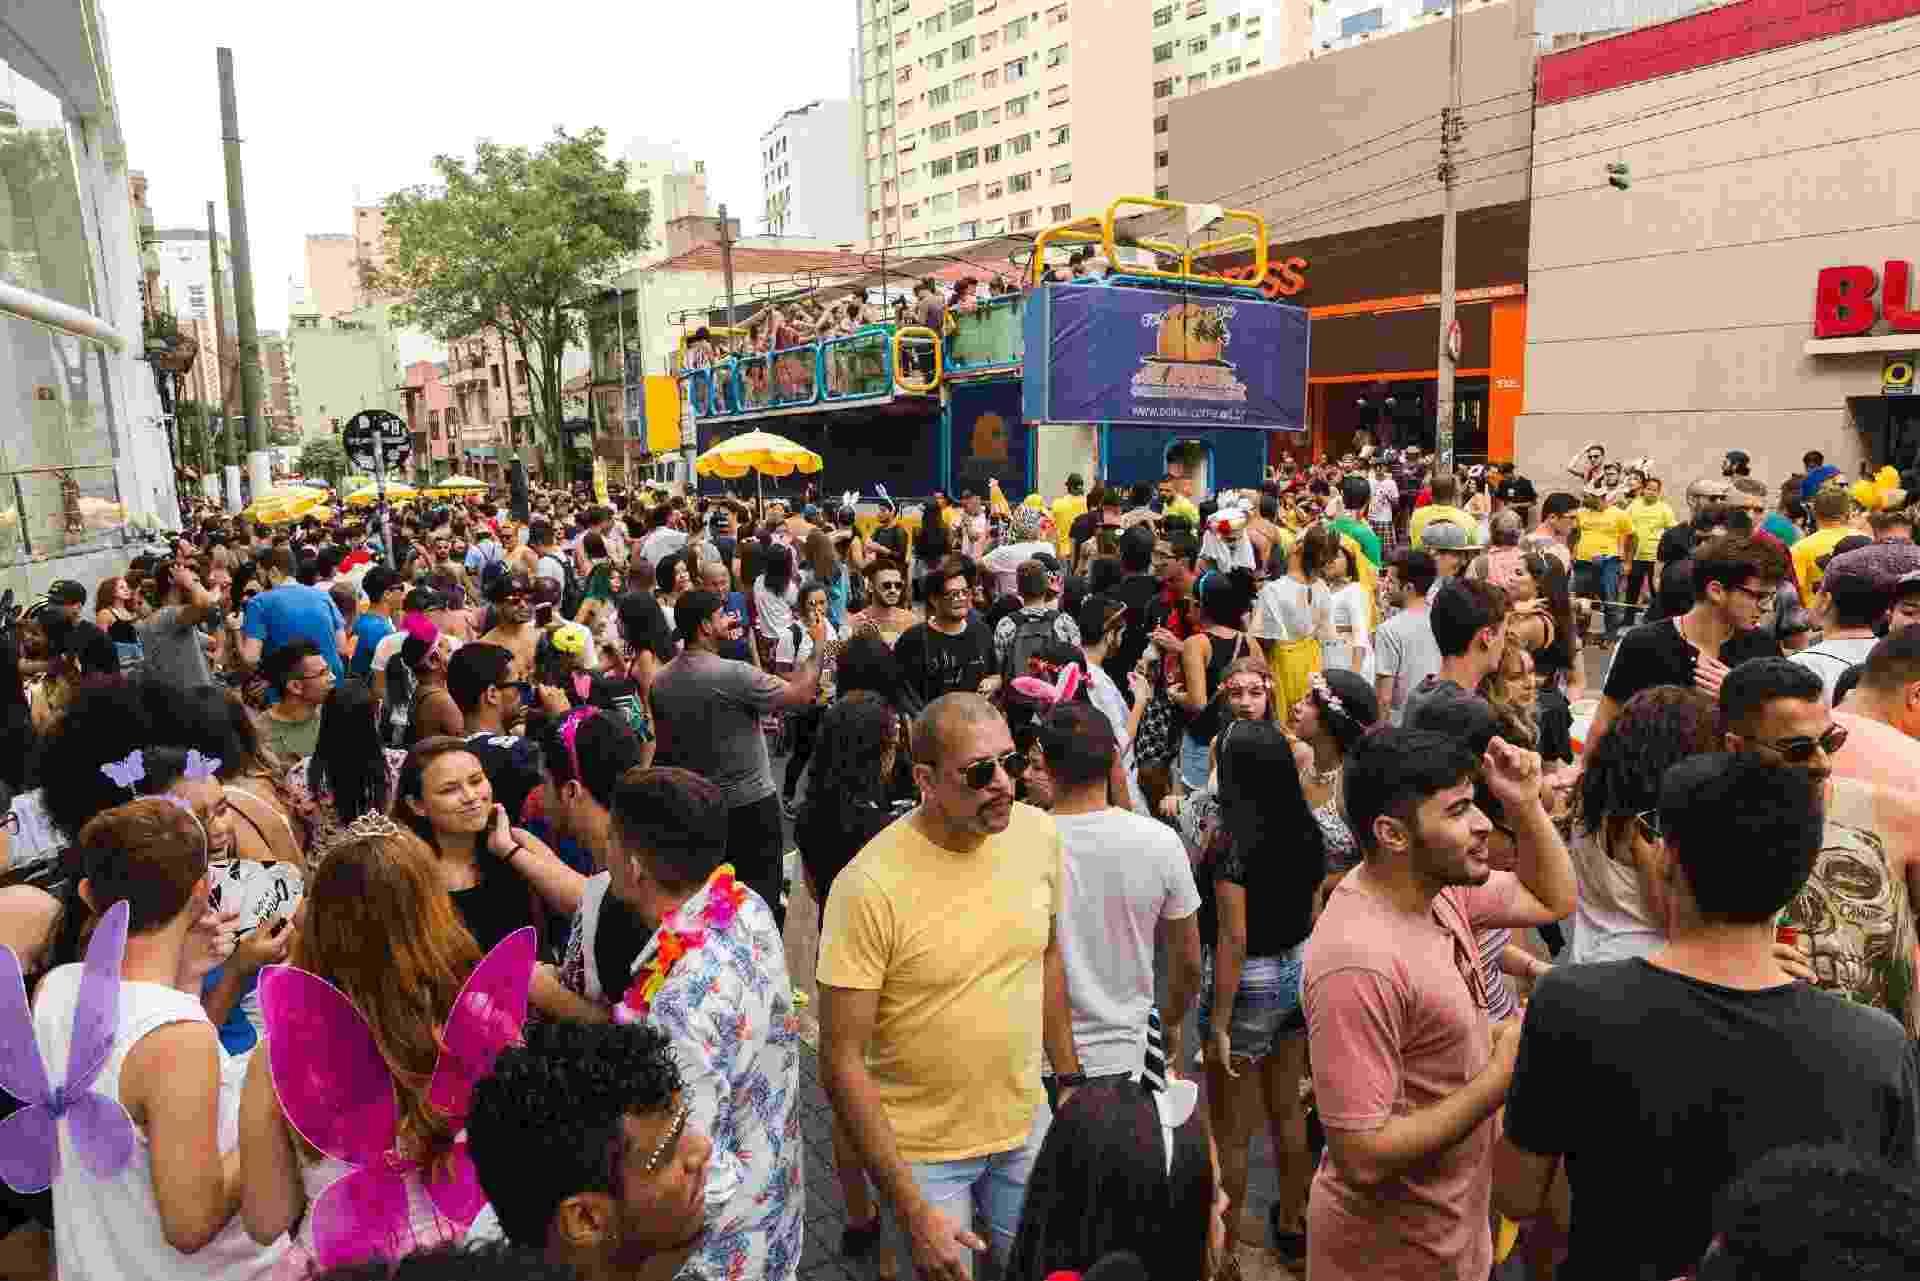 Louvando a bebida, Bloco da Catuaba colore o pós-Carnaval do centro de São Paulo - Rafael Roncato/UOL